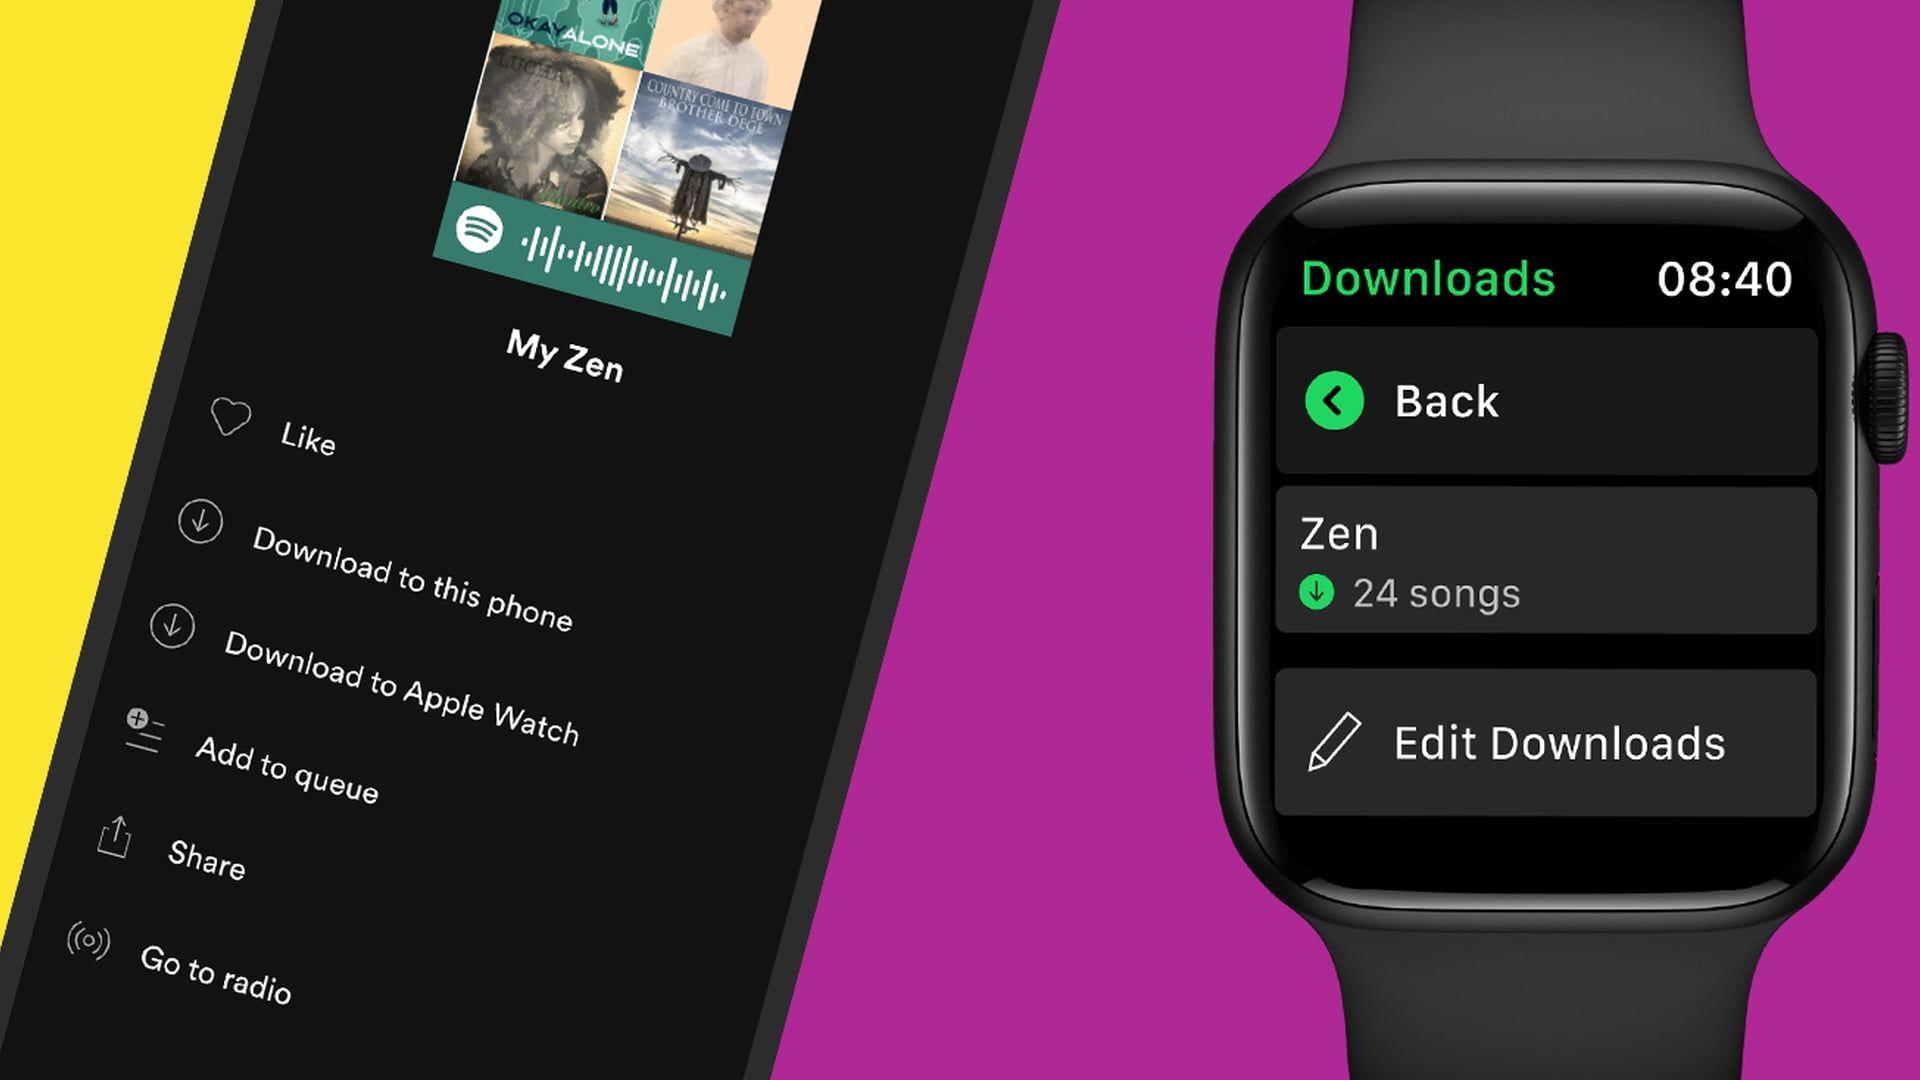 Spotify doda możliwość zapisywania utworów do Apple Watcha